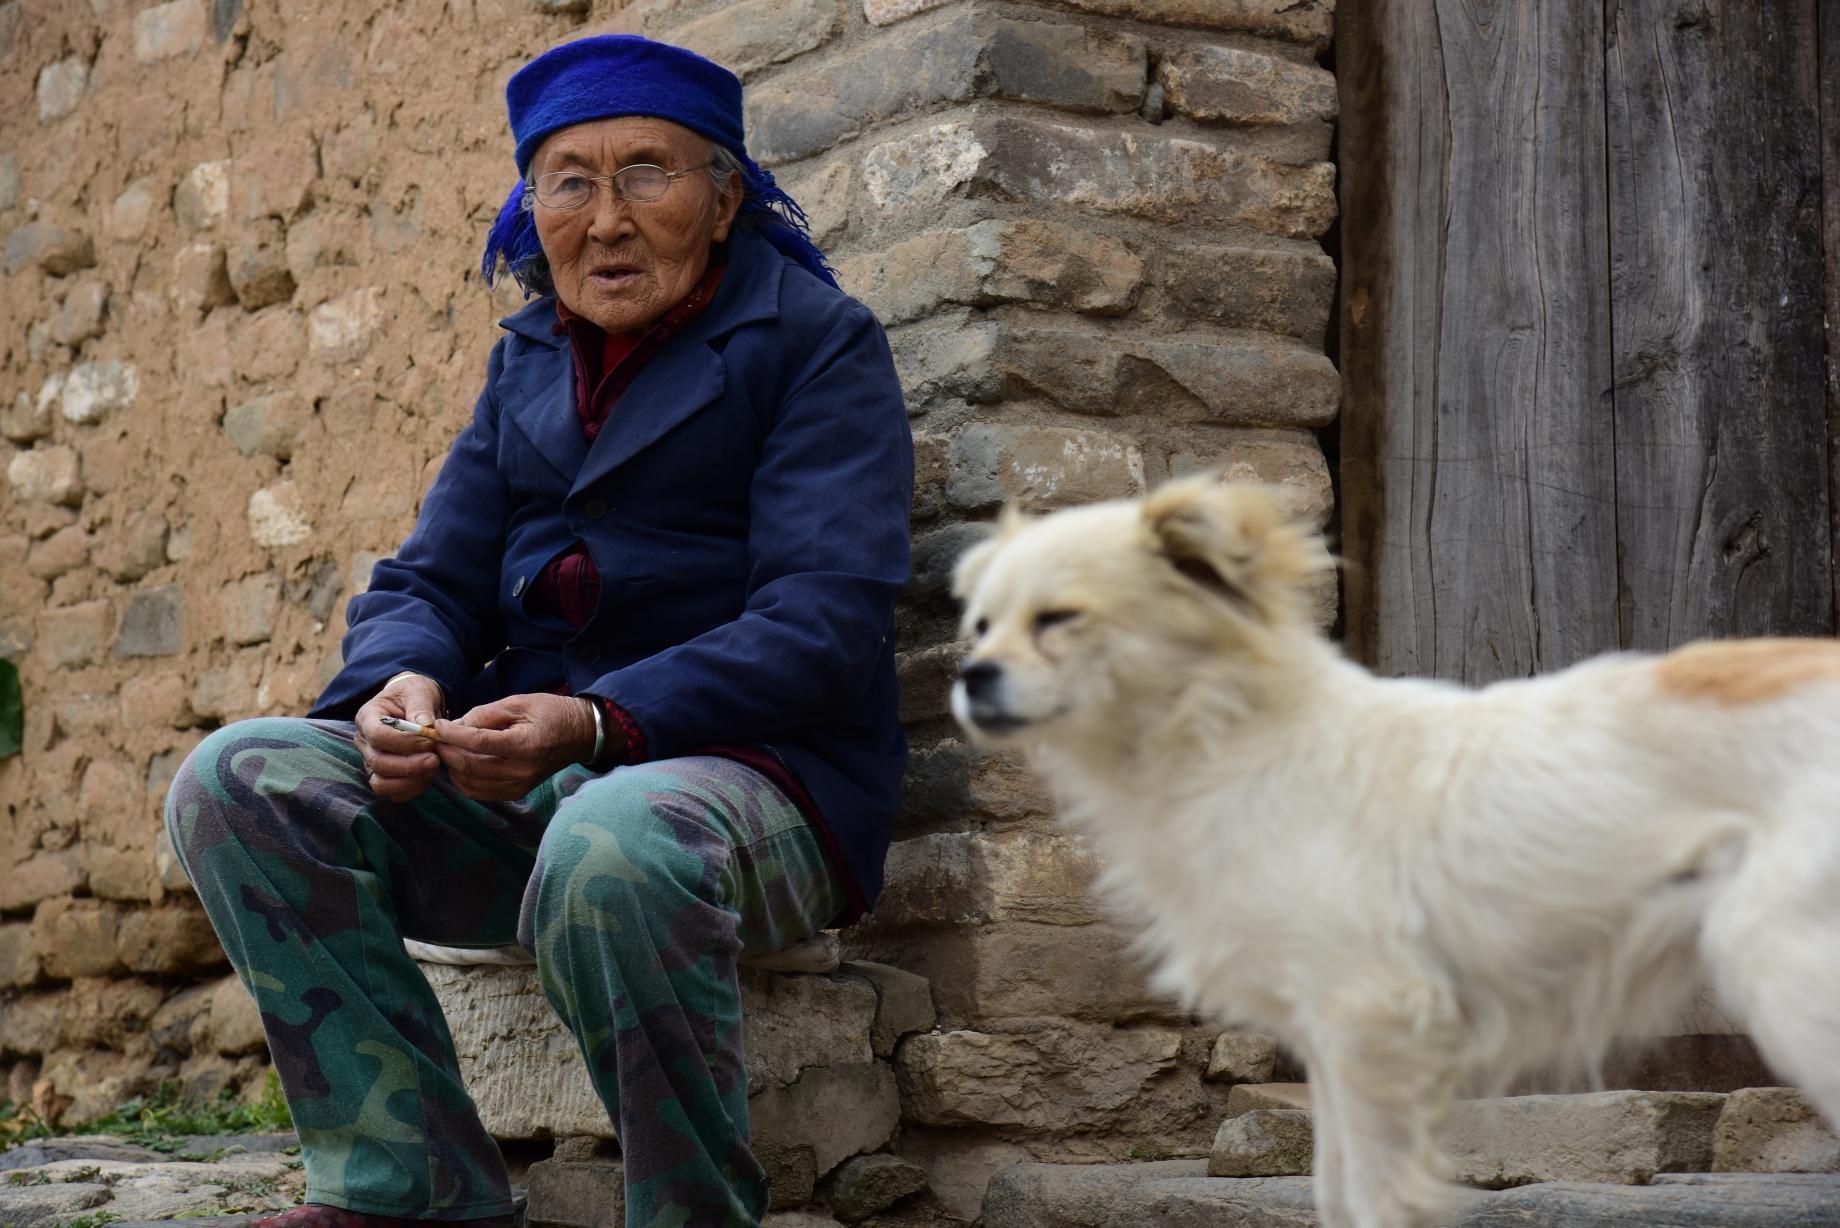 辘轳女人和狗_老人与狗,一如《辘轳女人和井》故事的缩影.